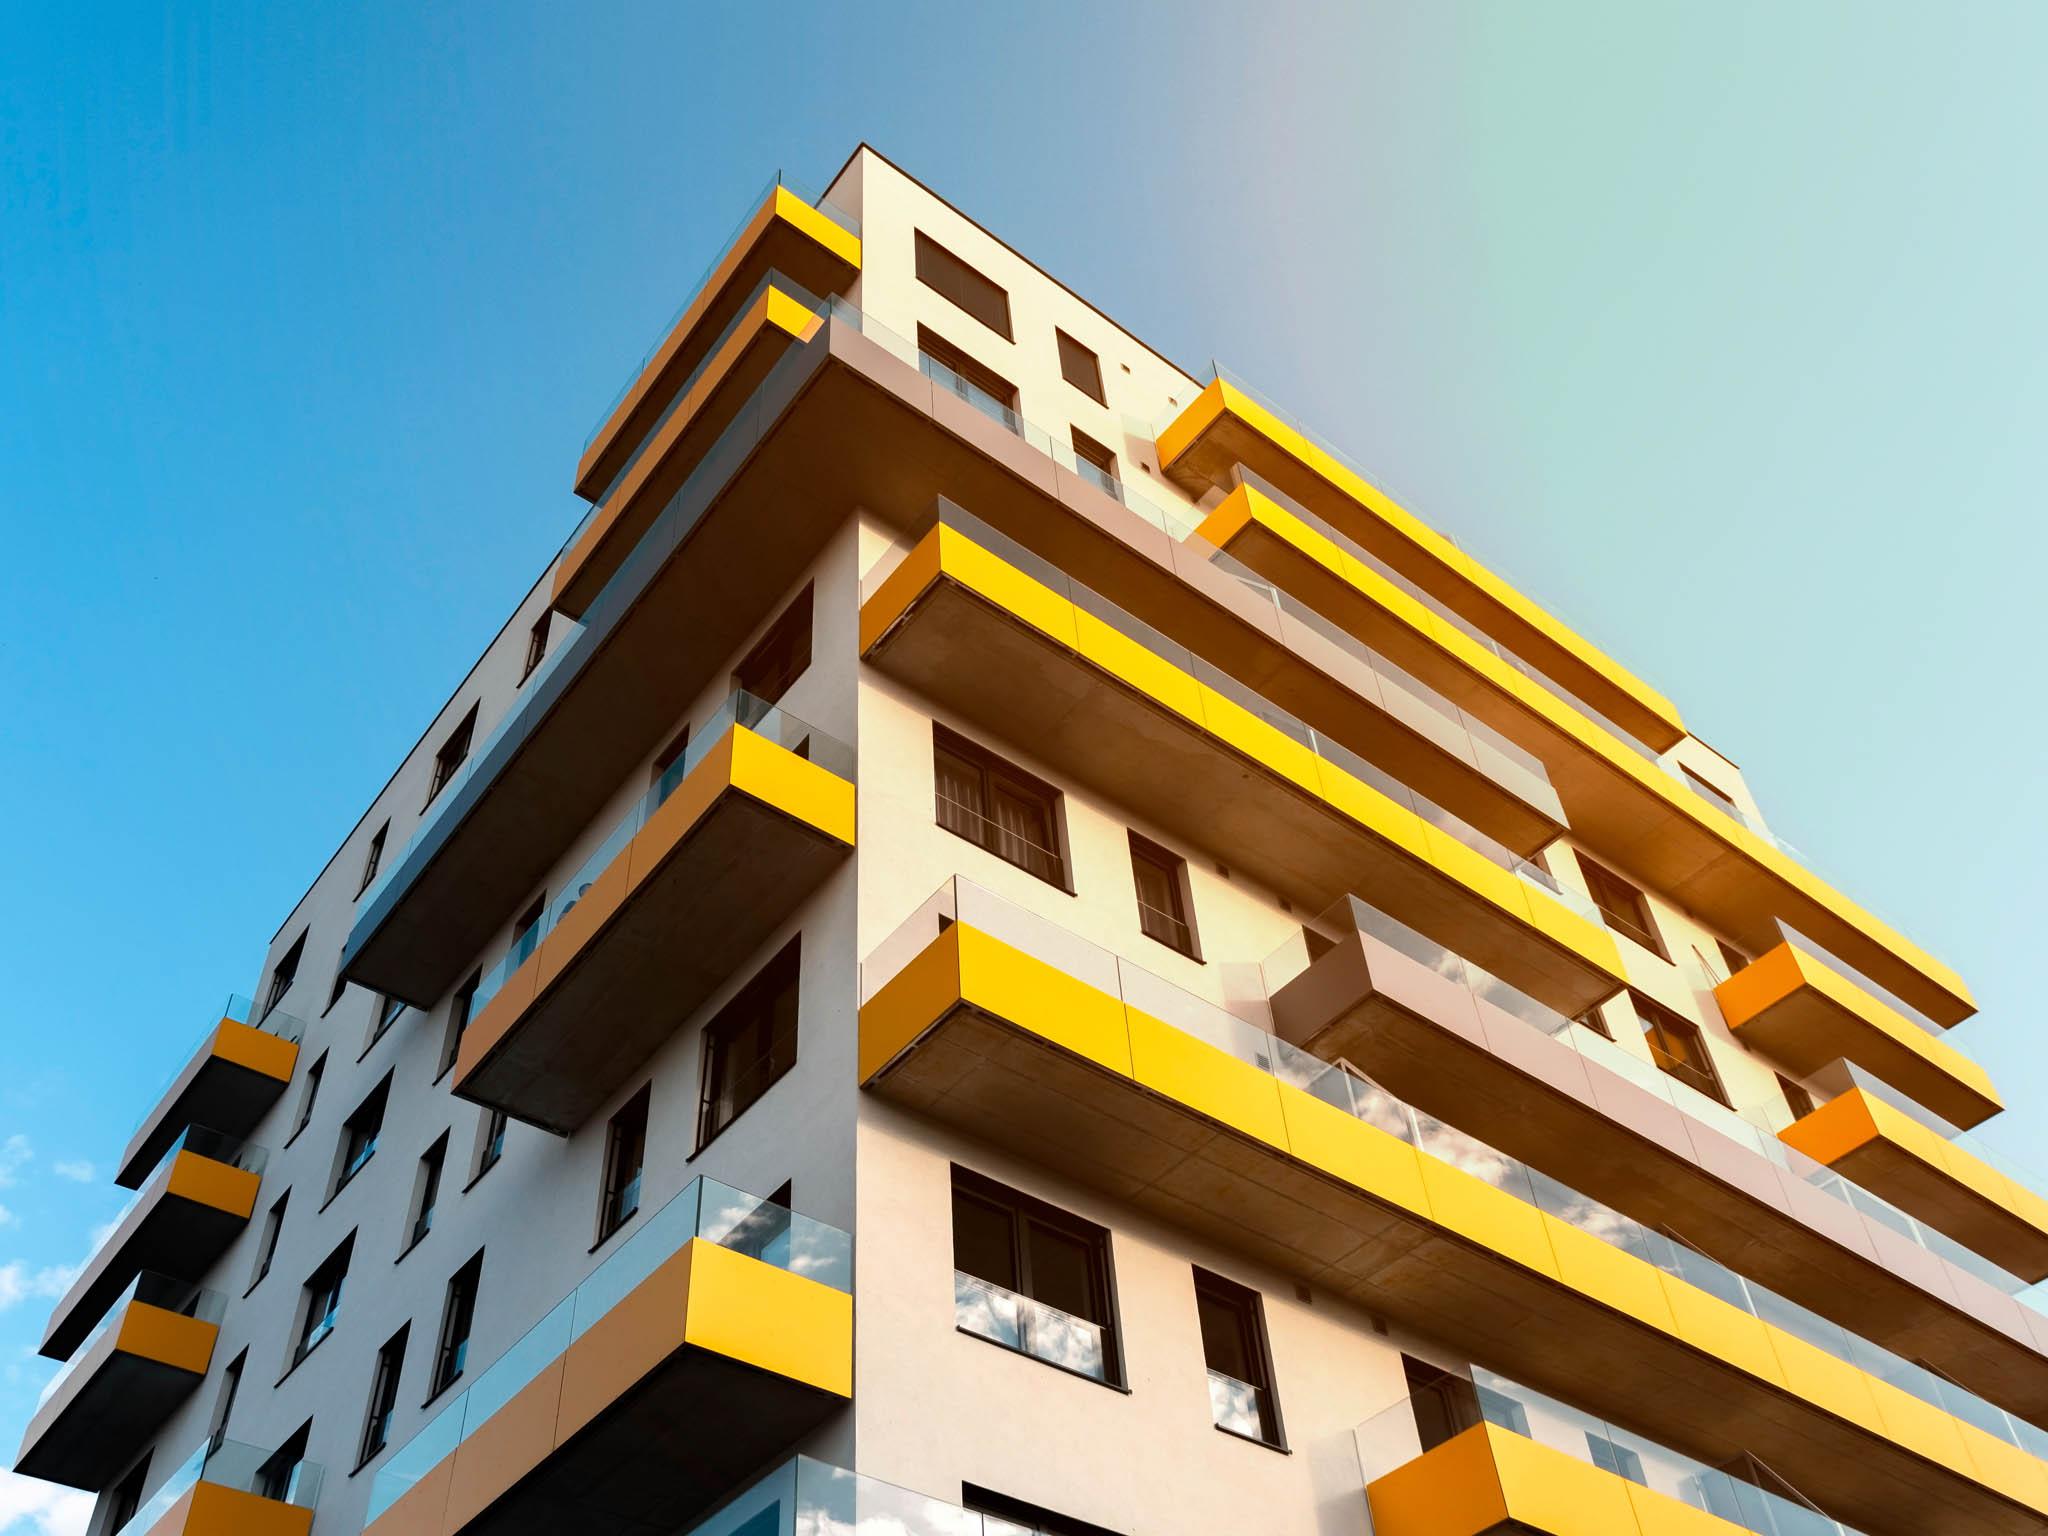 Objem nových hypotečních úvěrů nabydlení odbank astavebních spořitelen dosáhl vlistopadu 22,1 miliardy korun. To je osedm procent více než vříjnu ao39 procent více než vlistopadu 2019.